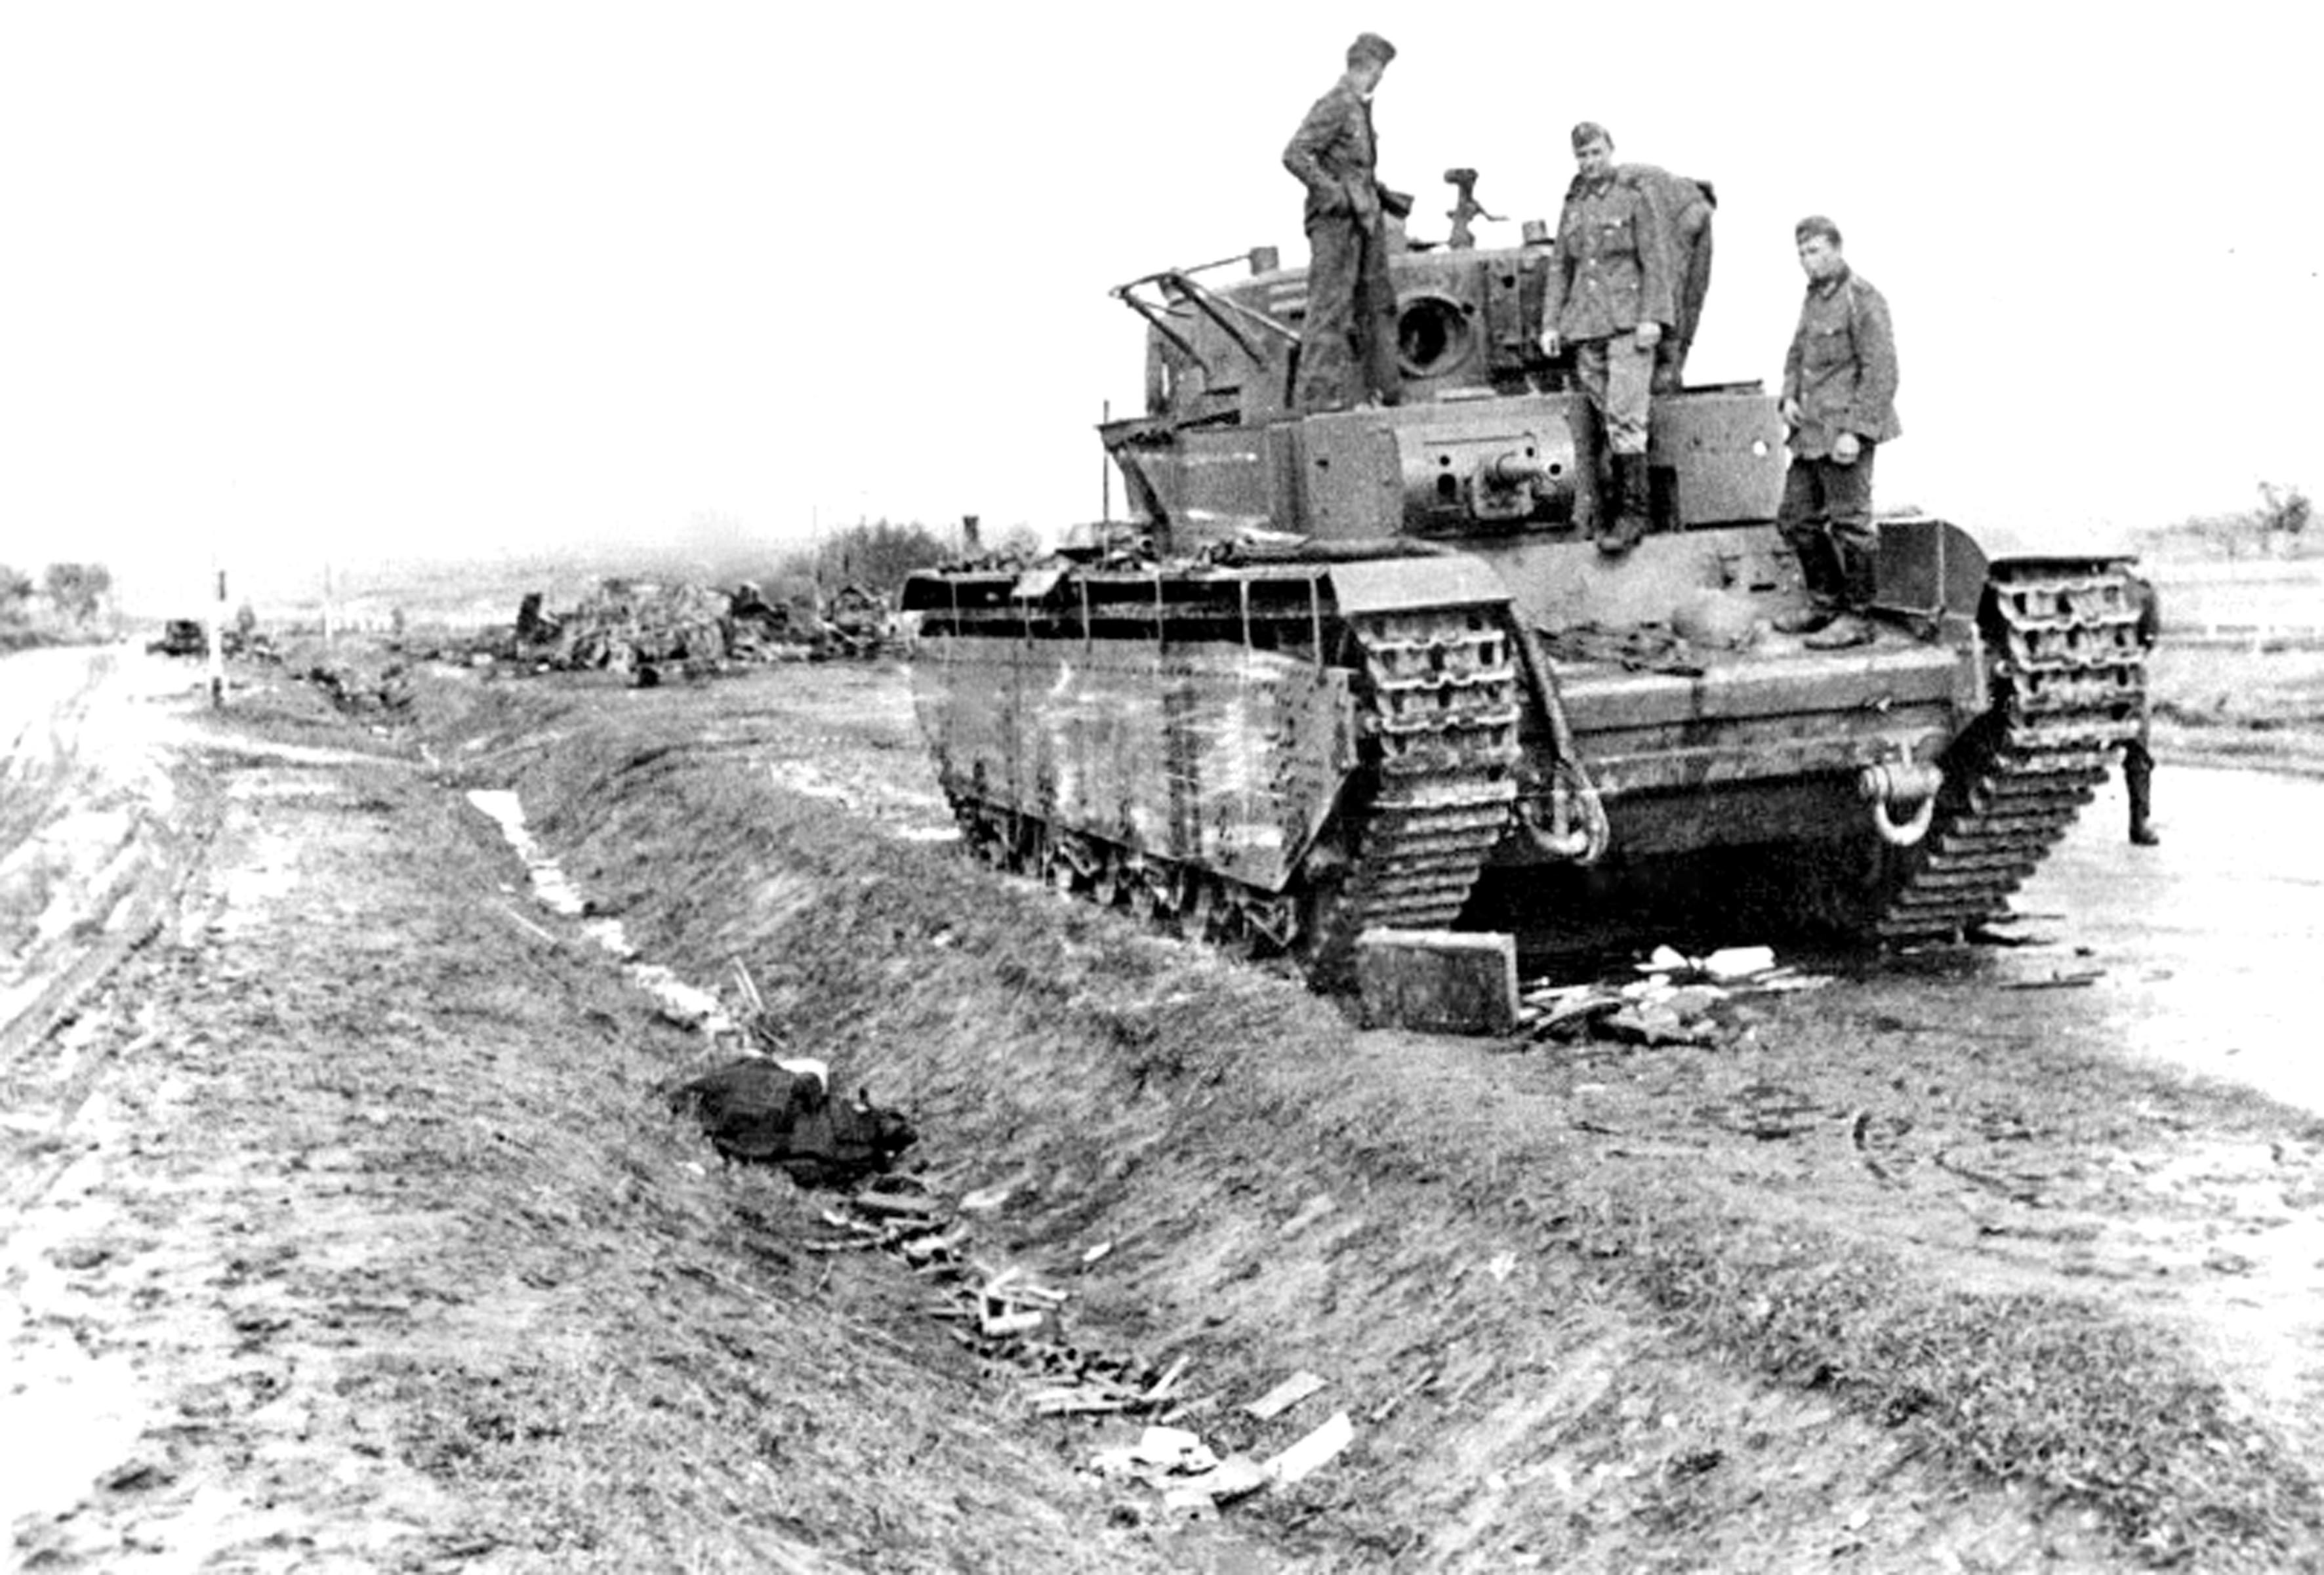 сказать танковое сражение под дубно фотографии оттуда пришел